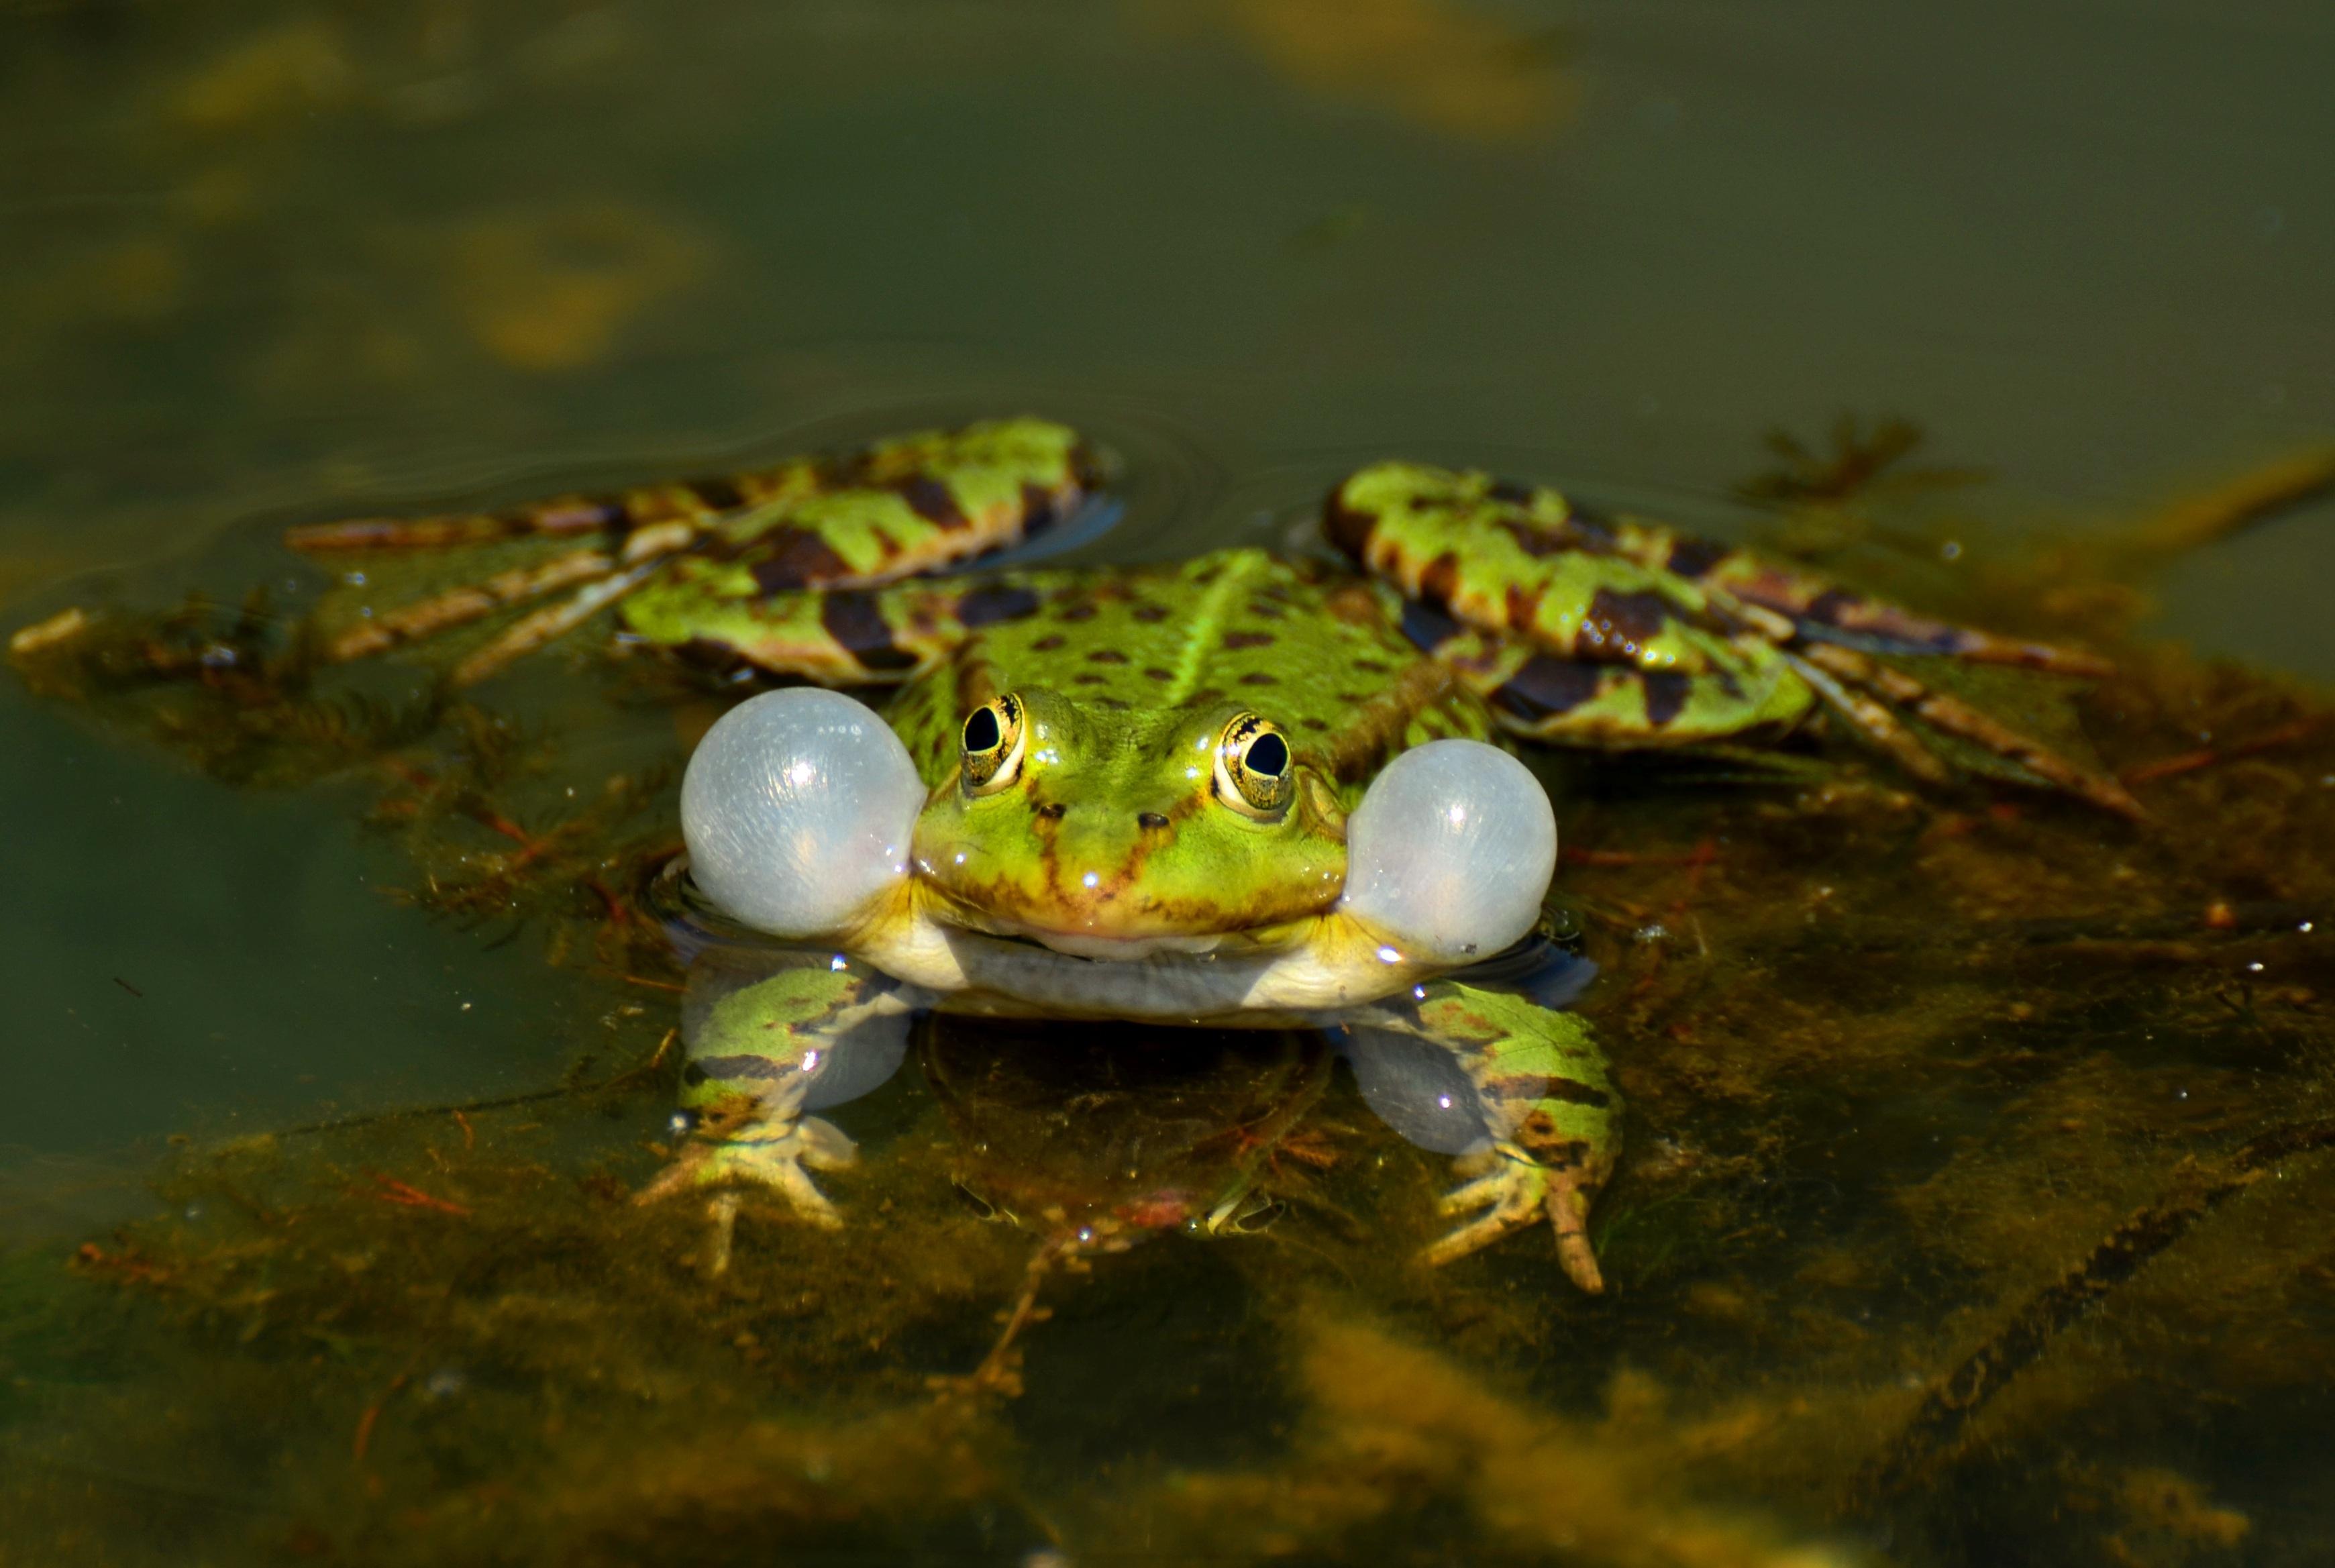 Kostenlose foto : Wasser, Tier, Teich, Tierwelt, Grün, Biologie ...